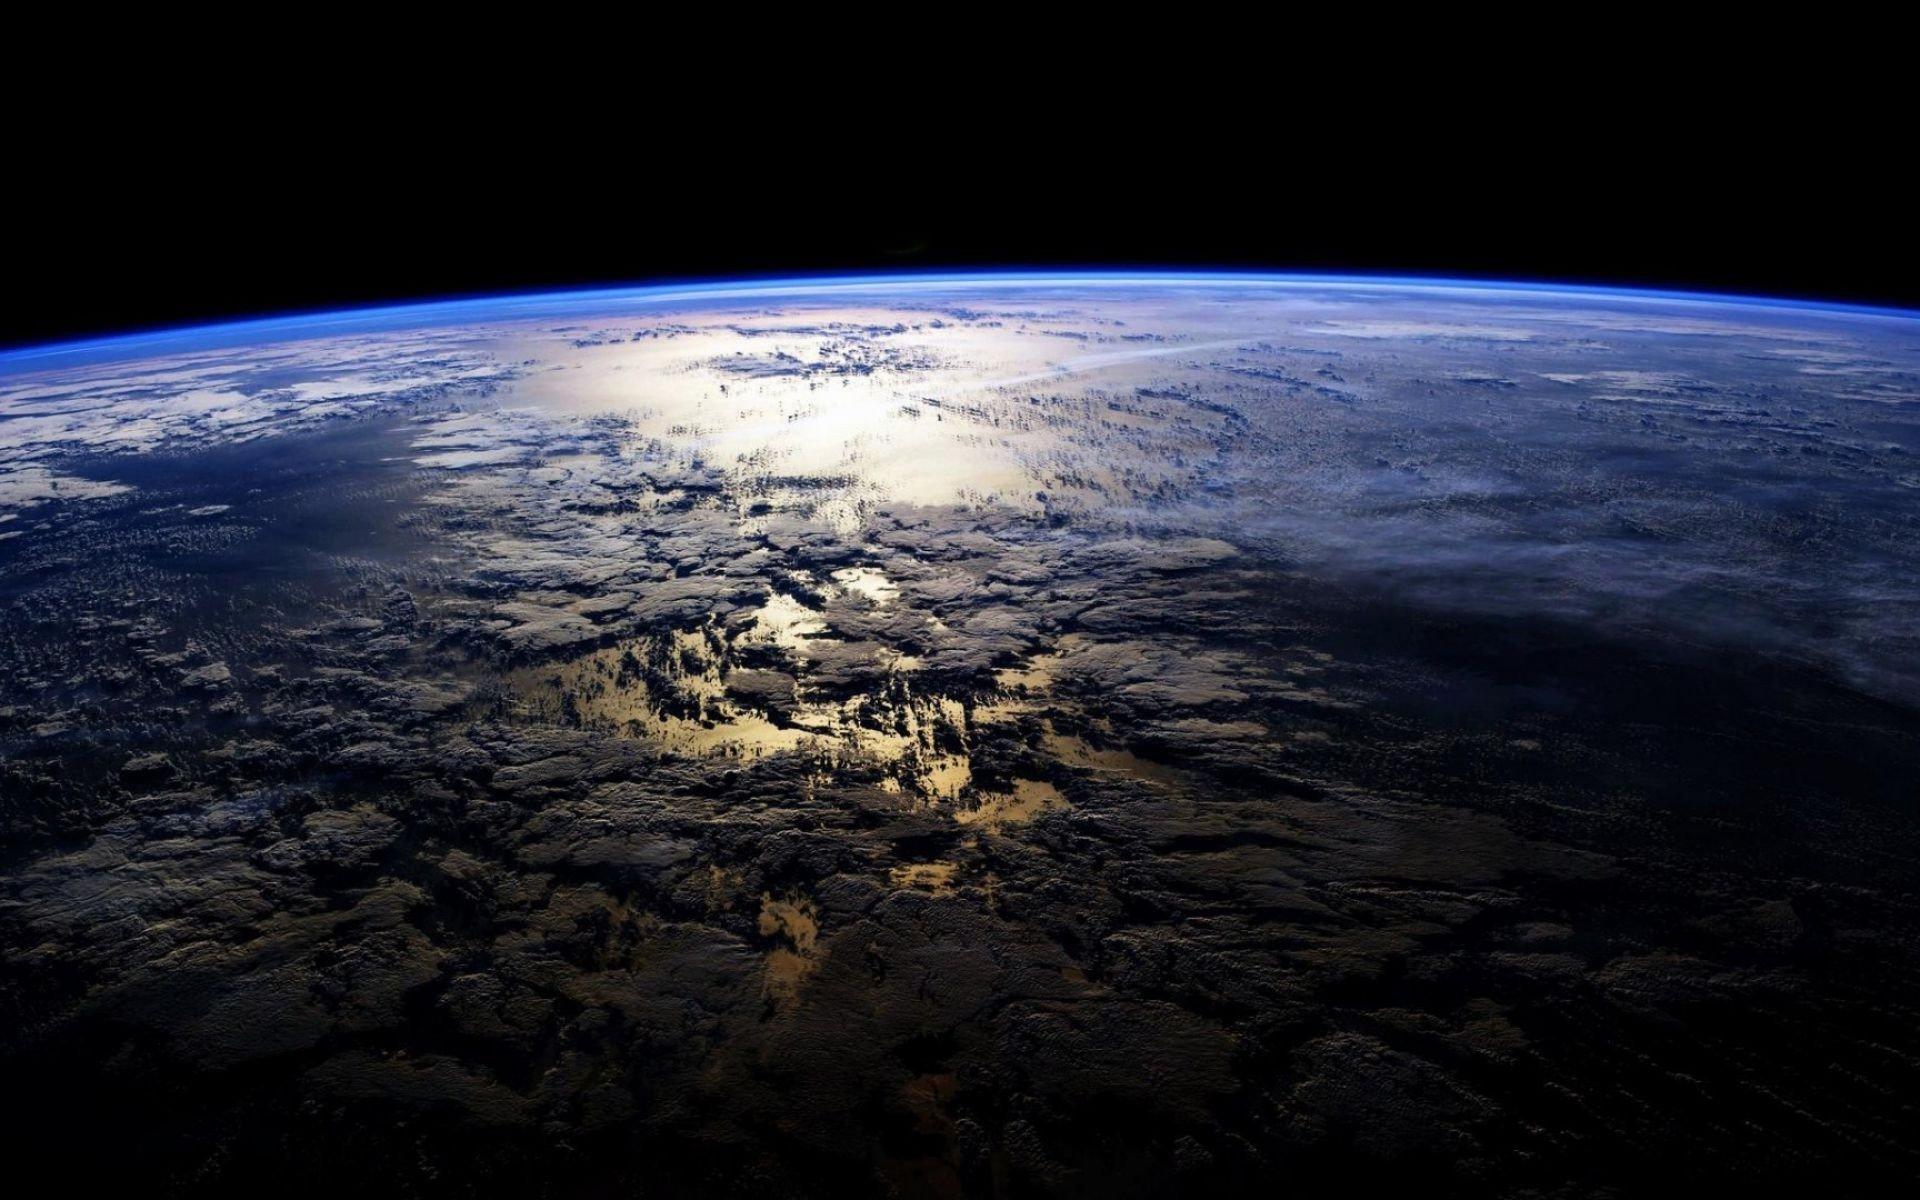 картинки земли высокого качества